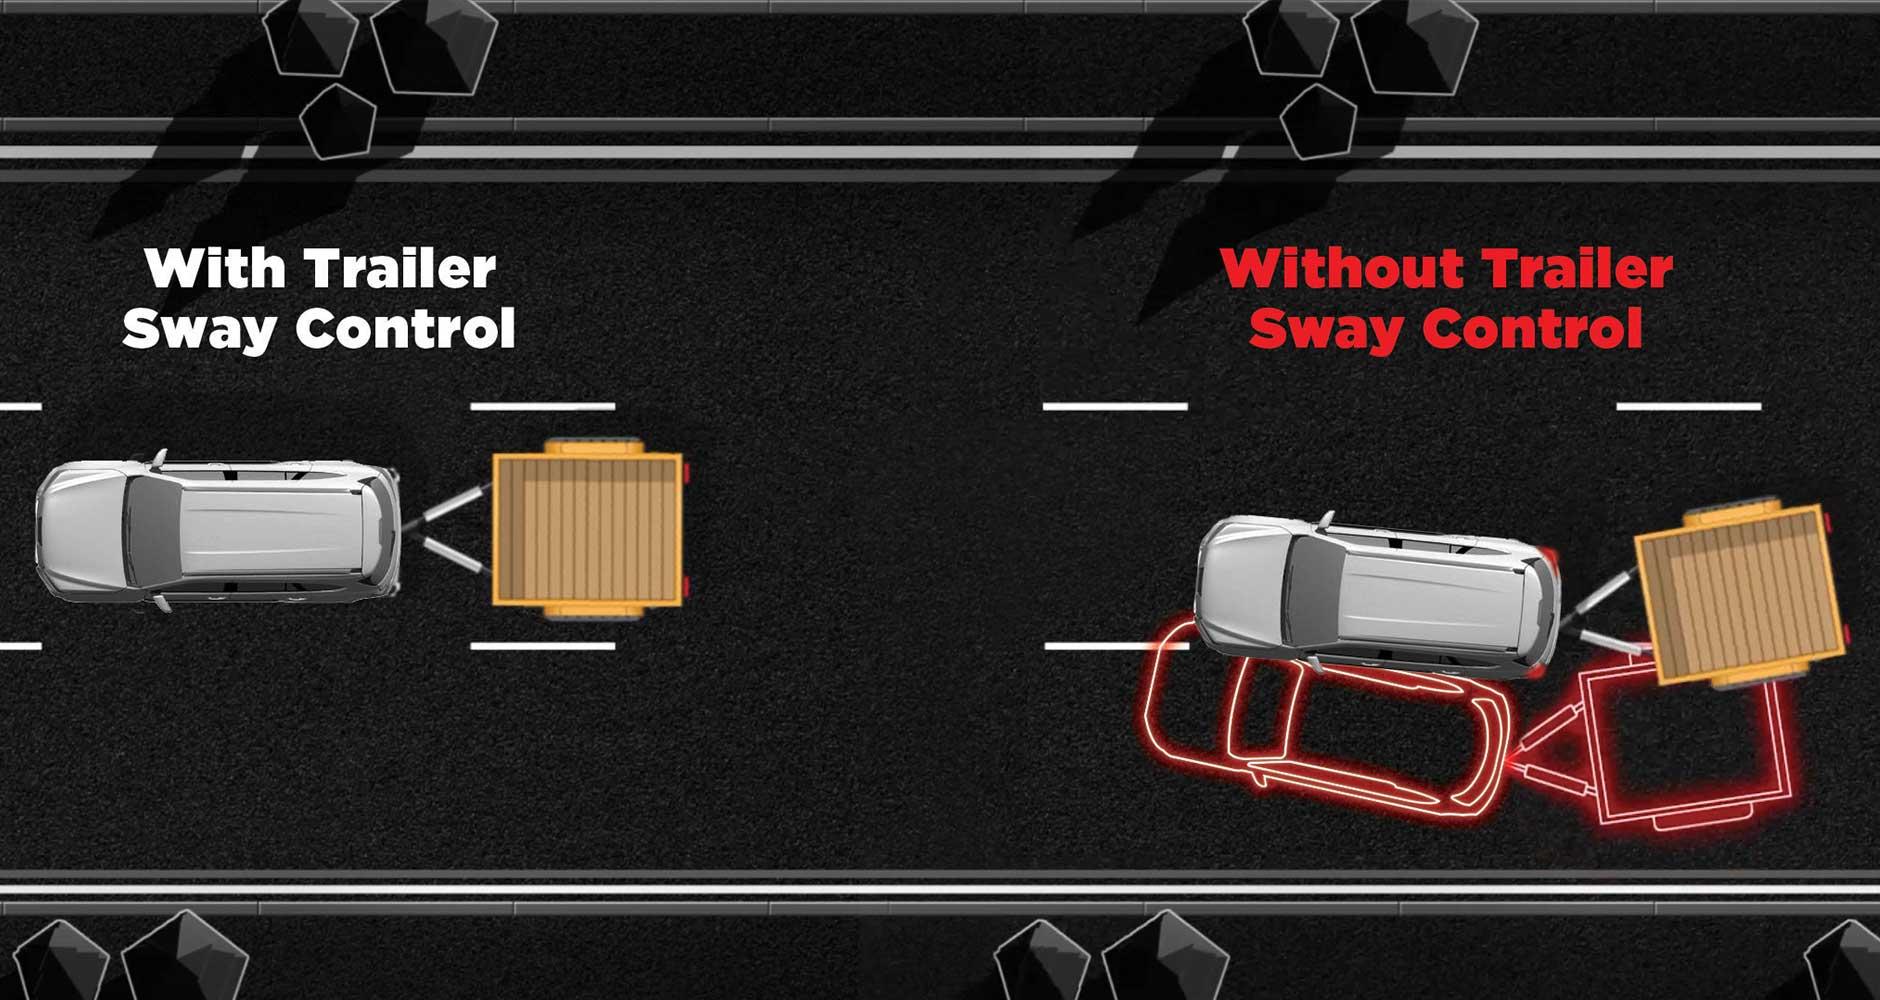 TRAILER SWAY CONTROL Image